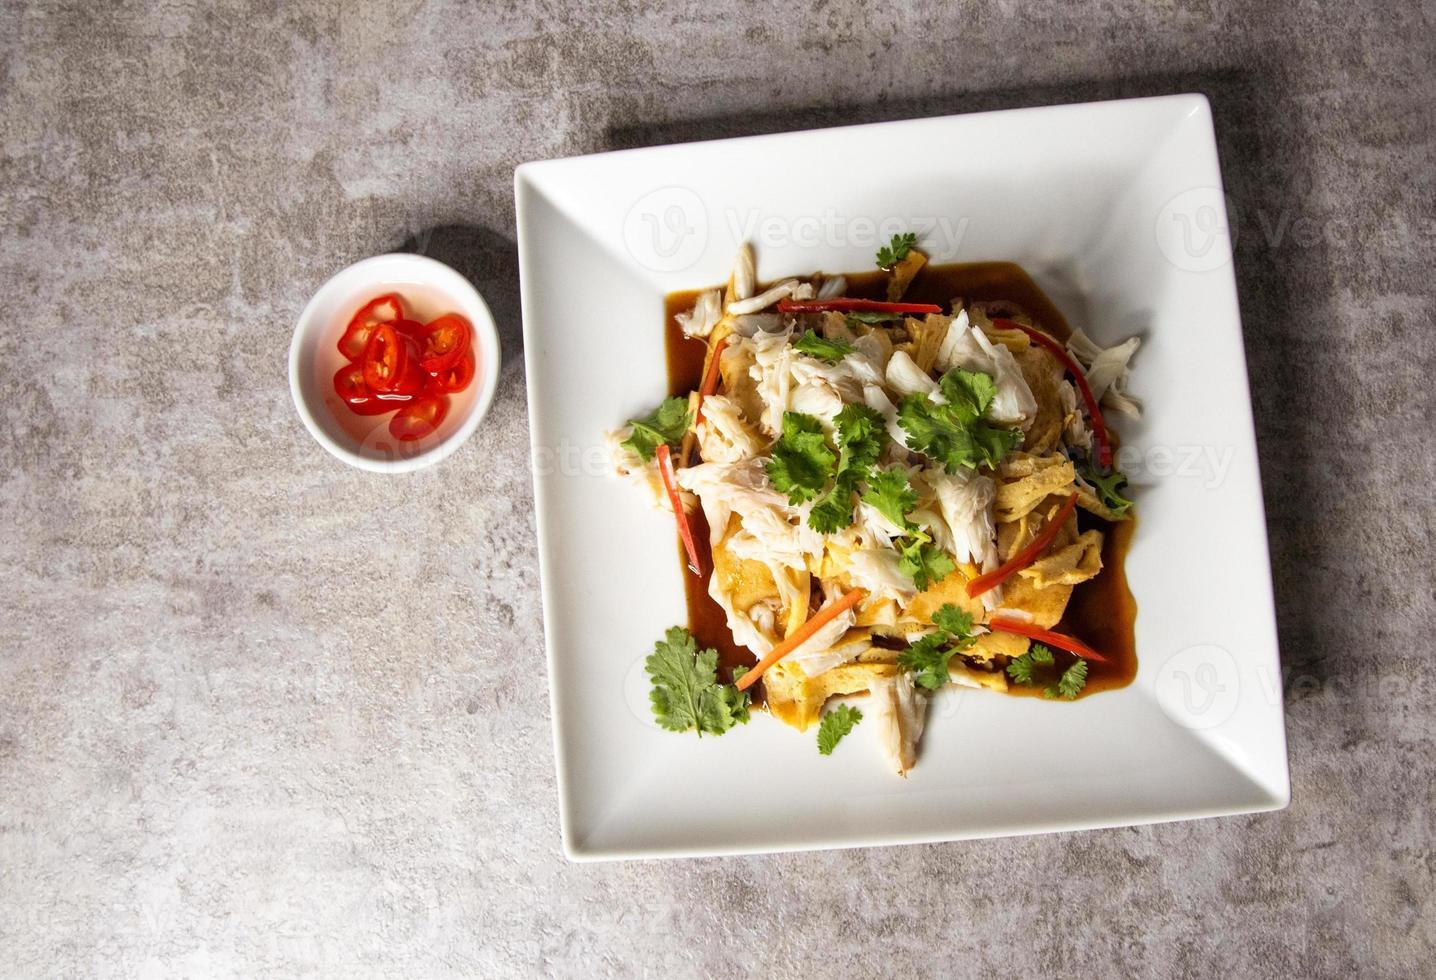 rollitos de primavera frescos y carne de cangrejo y salsa dulce comida china tailandesa foto